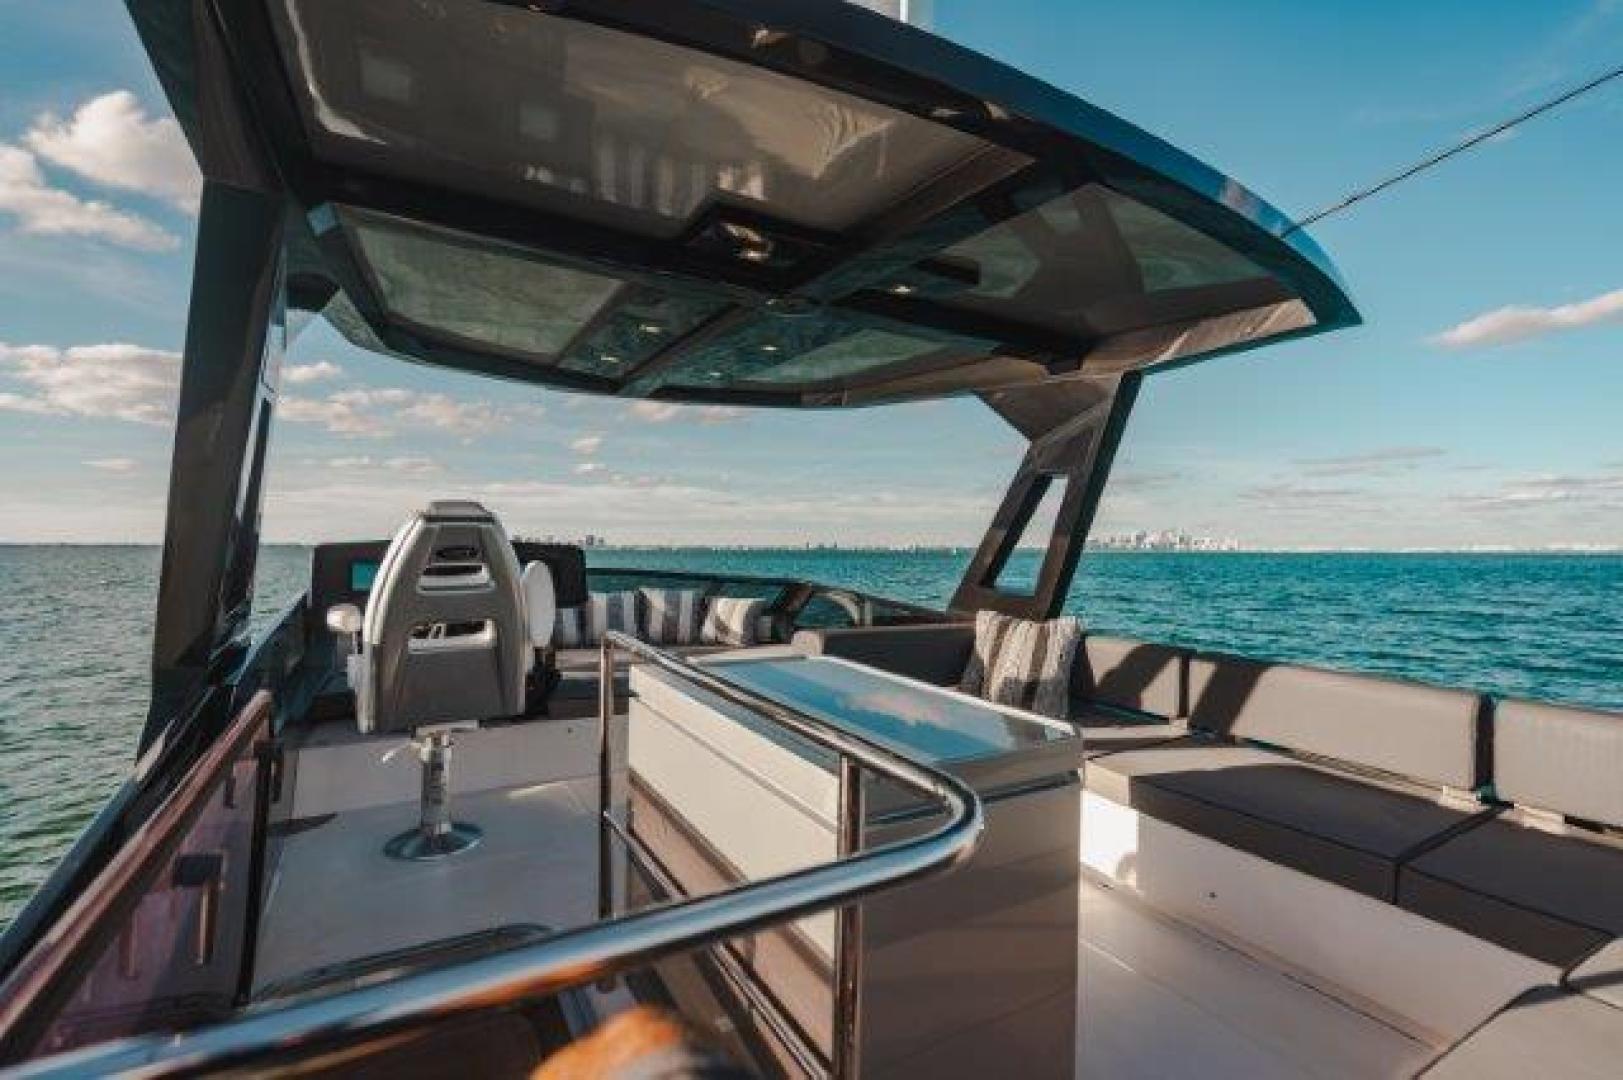 Okean-Flybridge 2019-VEDGE Miami-Florida-United States-Bridge Deck-1600195 | Thumbnail